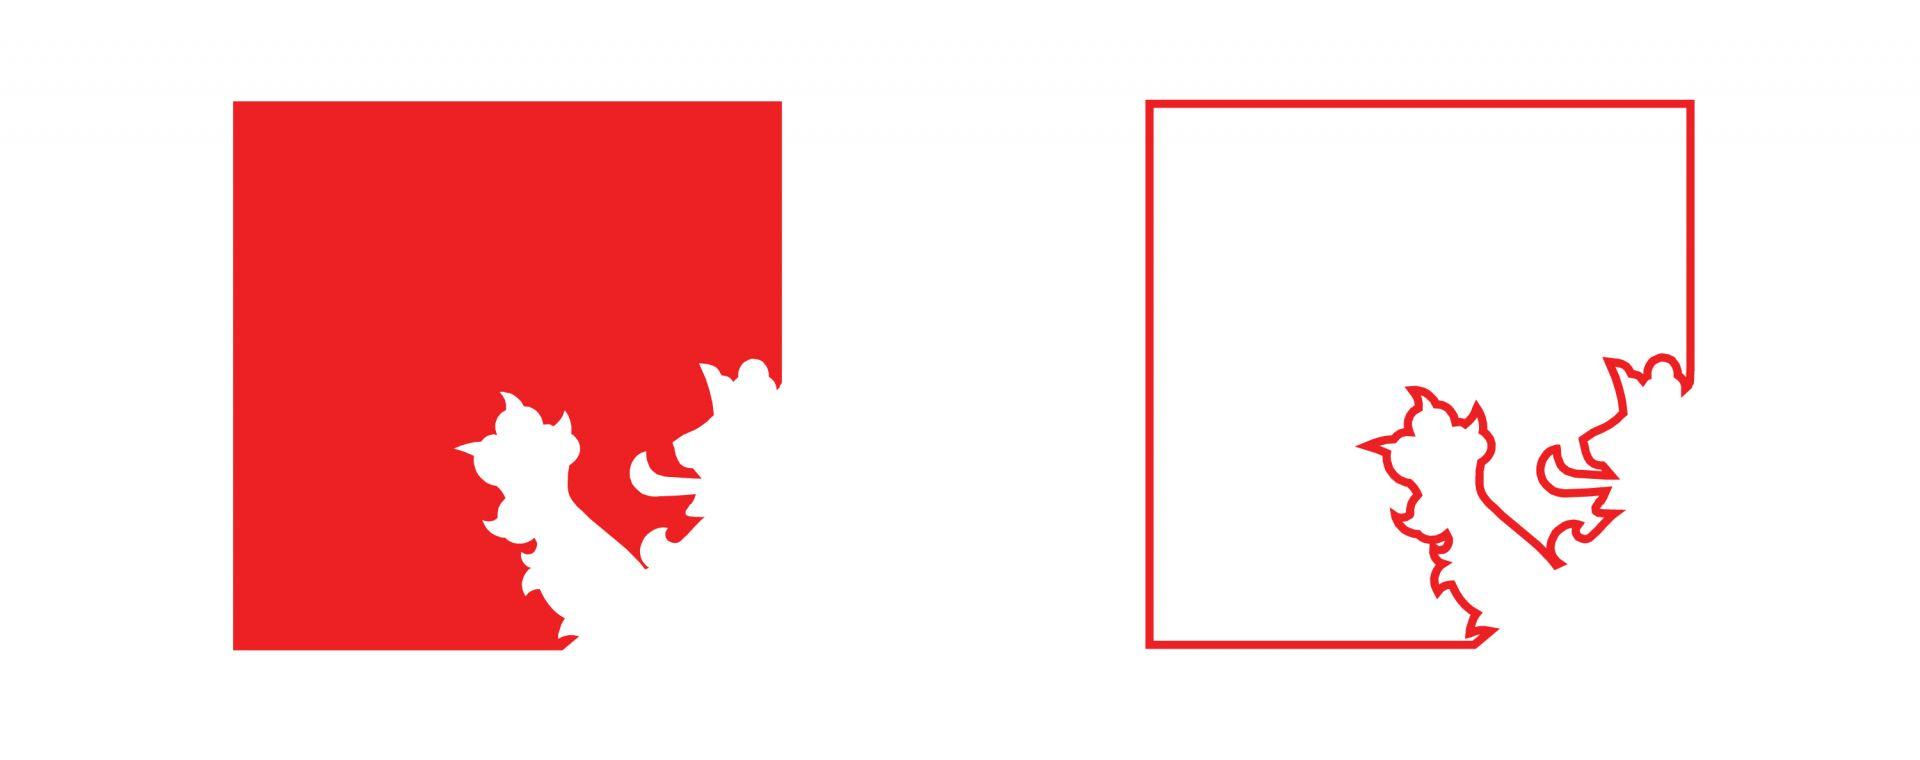 Vizuální identita České komory architektů - soutěžní návrh, postup do druhého kola, 2012, CZ